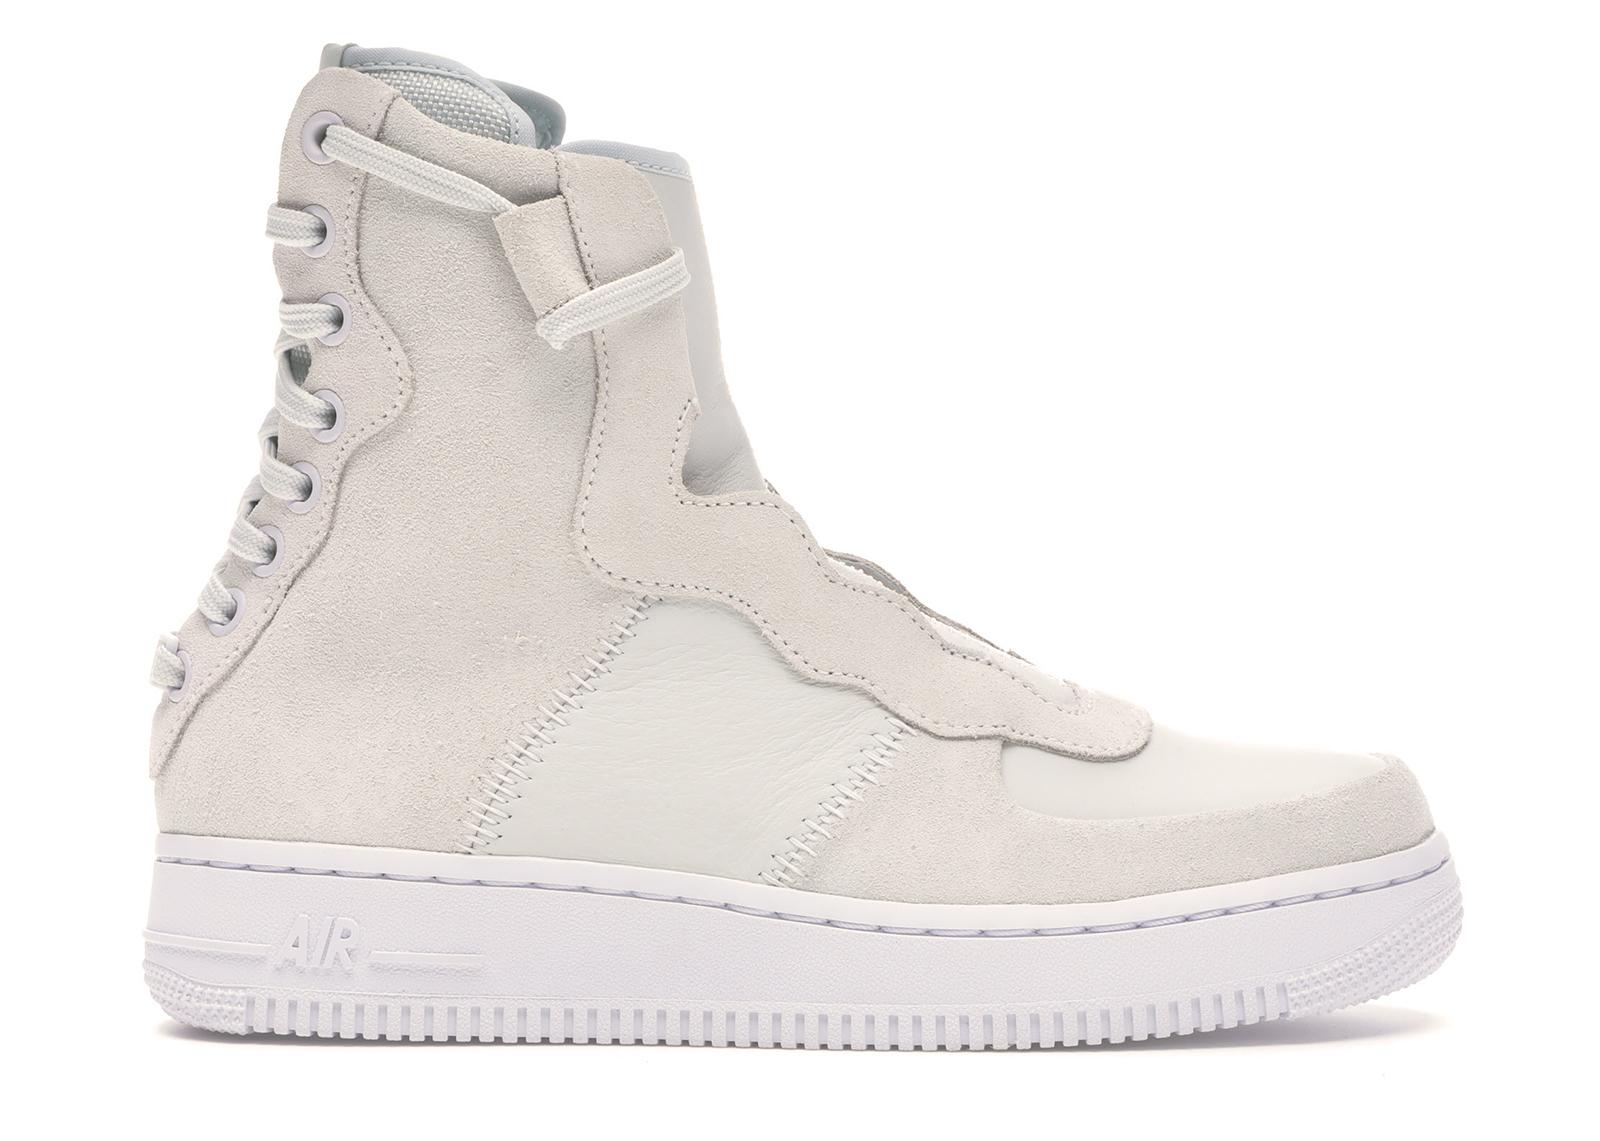 Nike Air Force 1 Rebel XX Off White (W) - AO1525-100